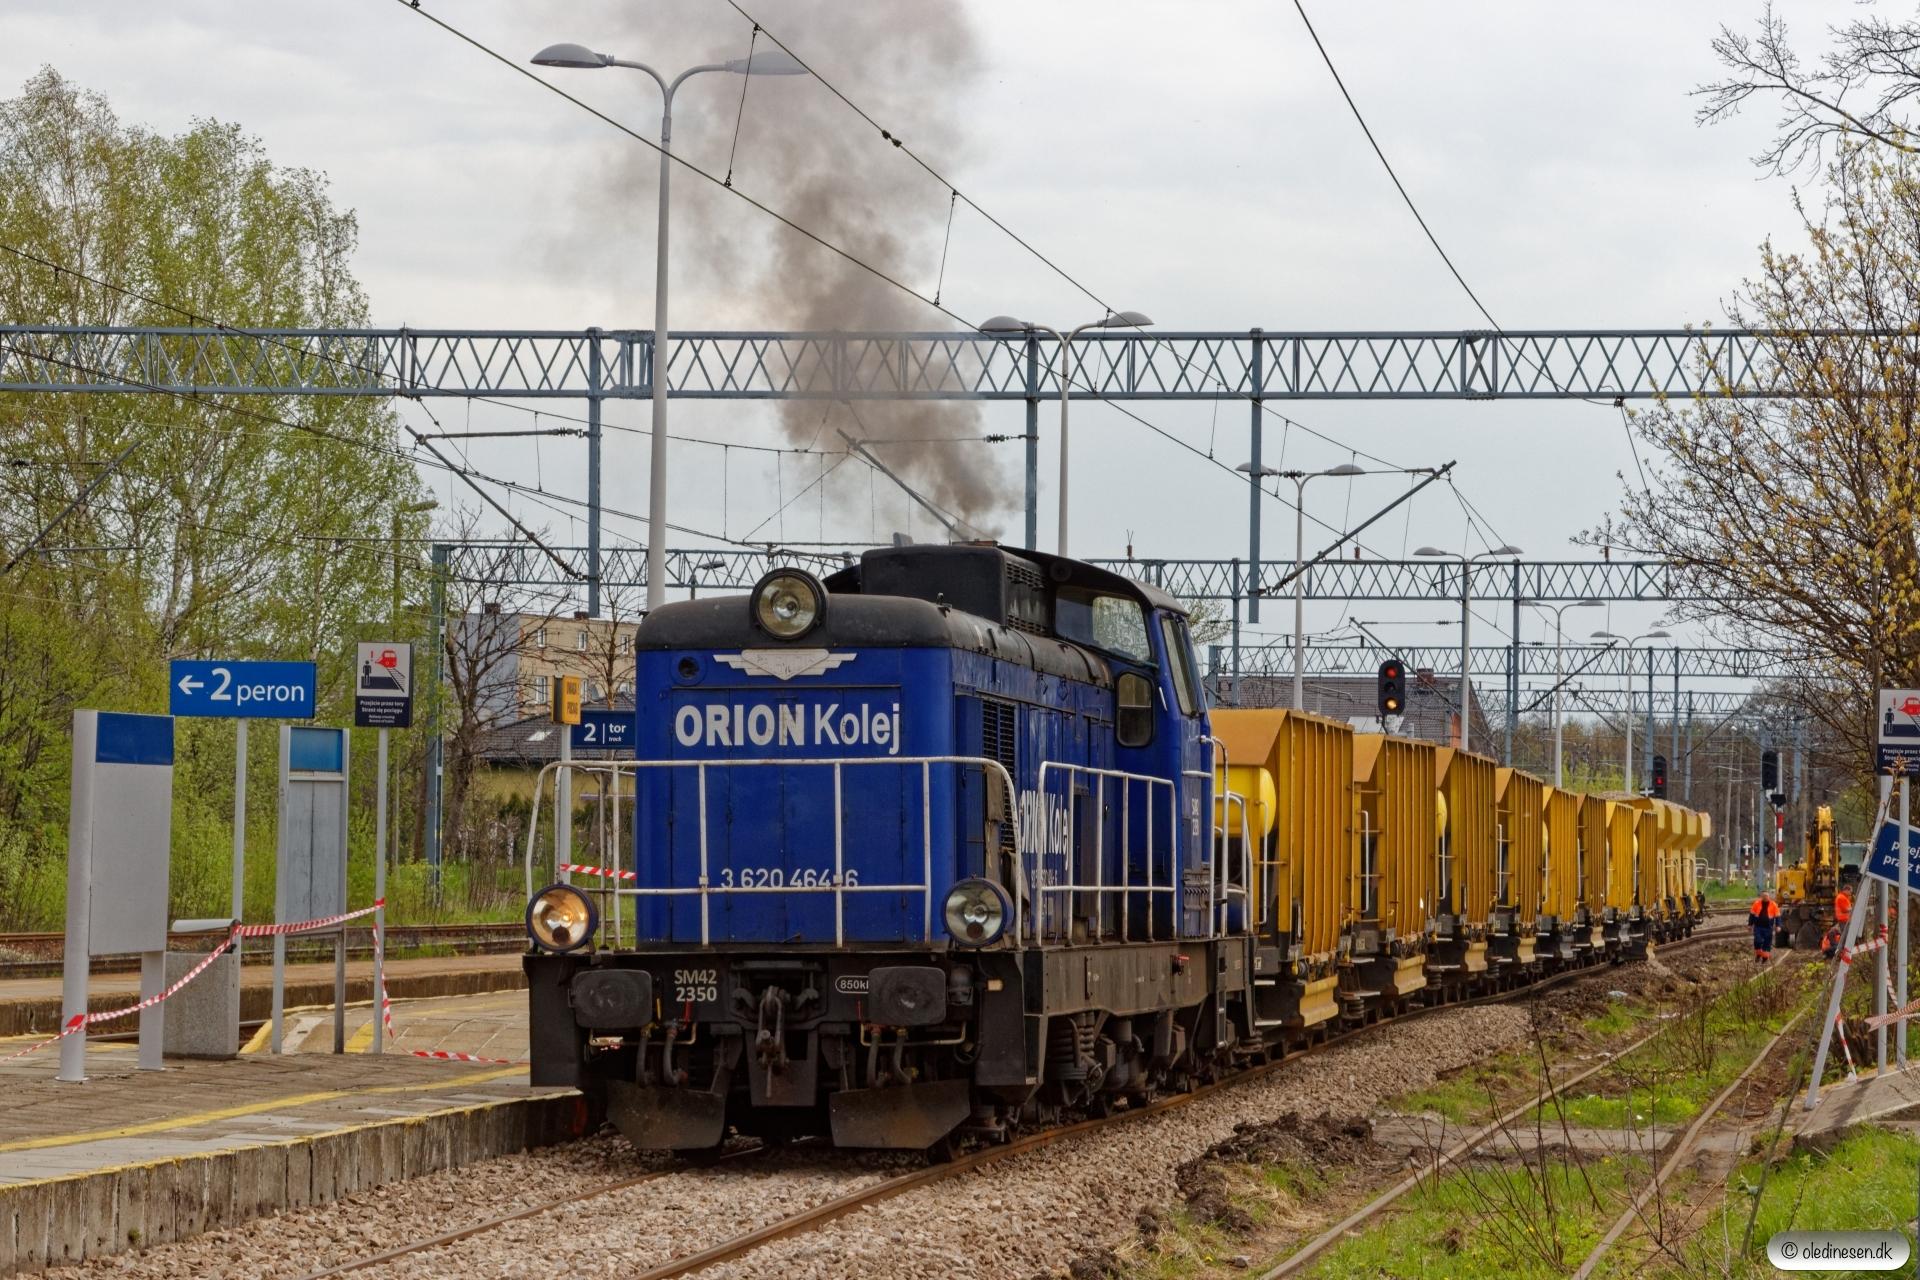 ORION SM42-2350+sporombygningsmateriel. Orzesze Jaśkowice 24.04.2019 kl. 11.21.